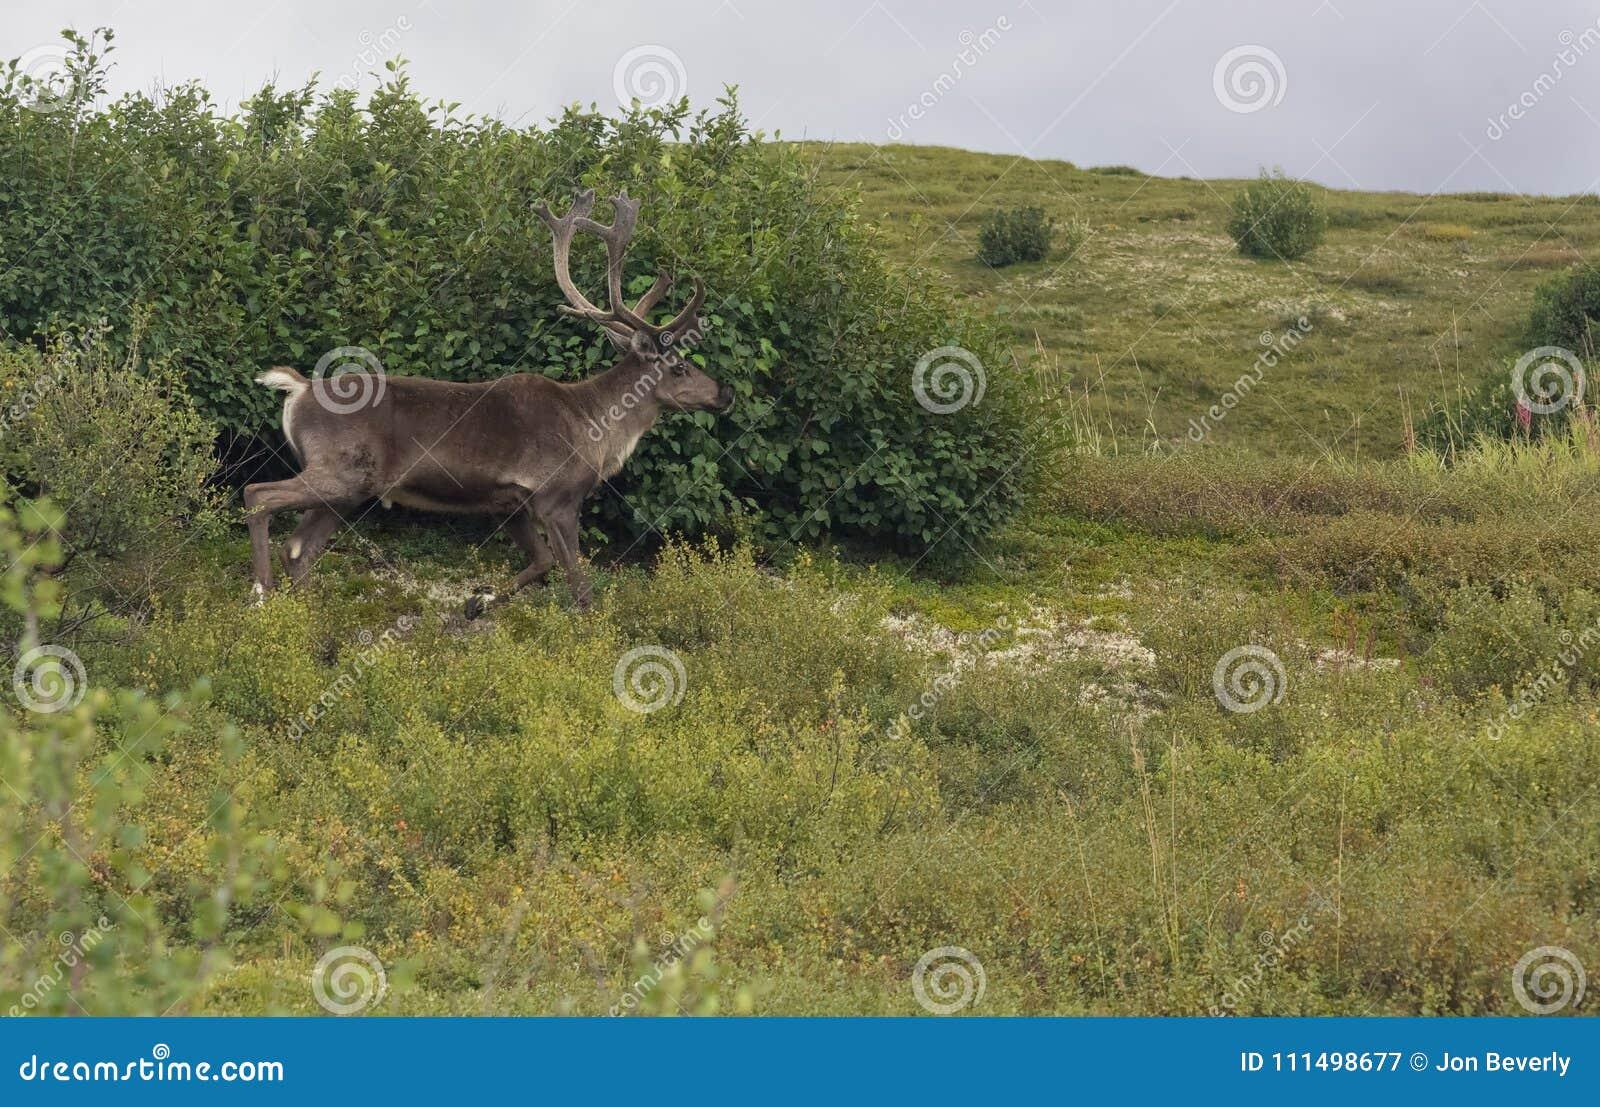 走在前面的北美驯鹿洗刷